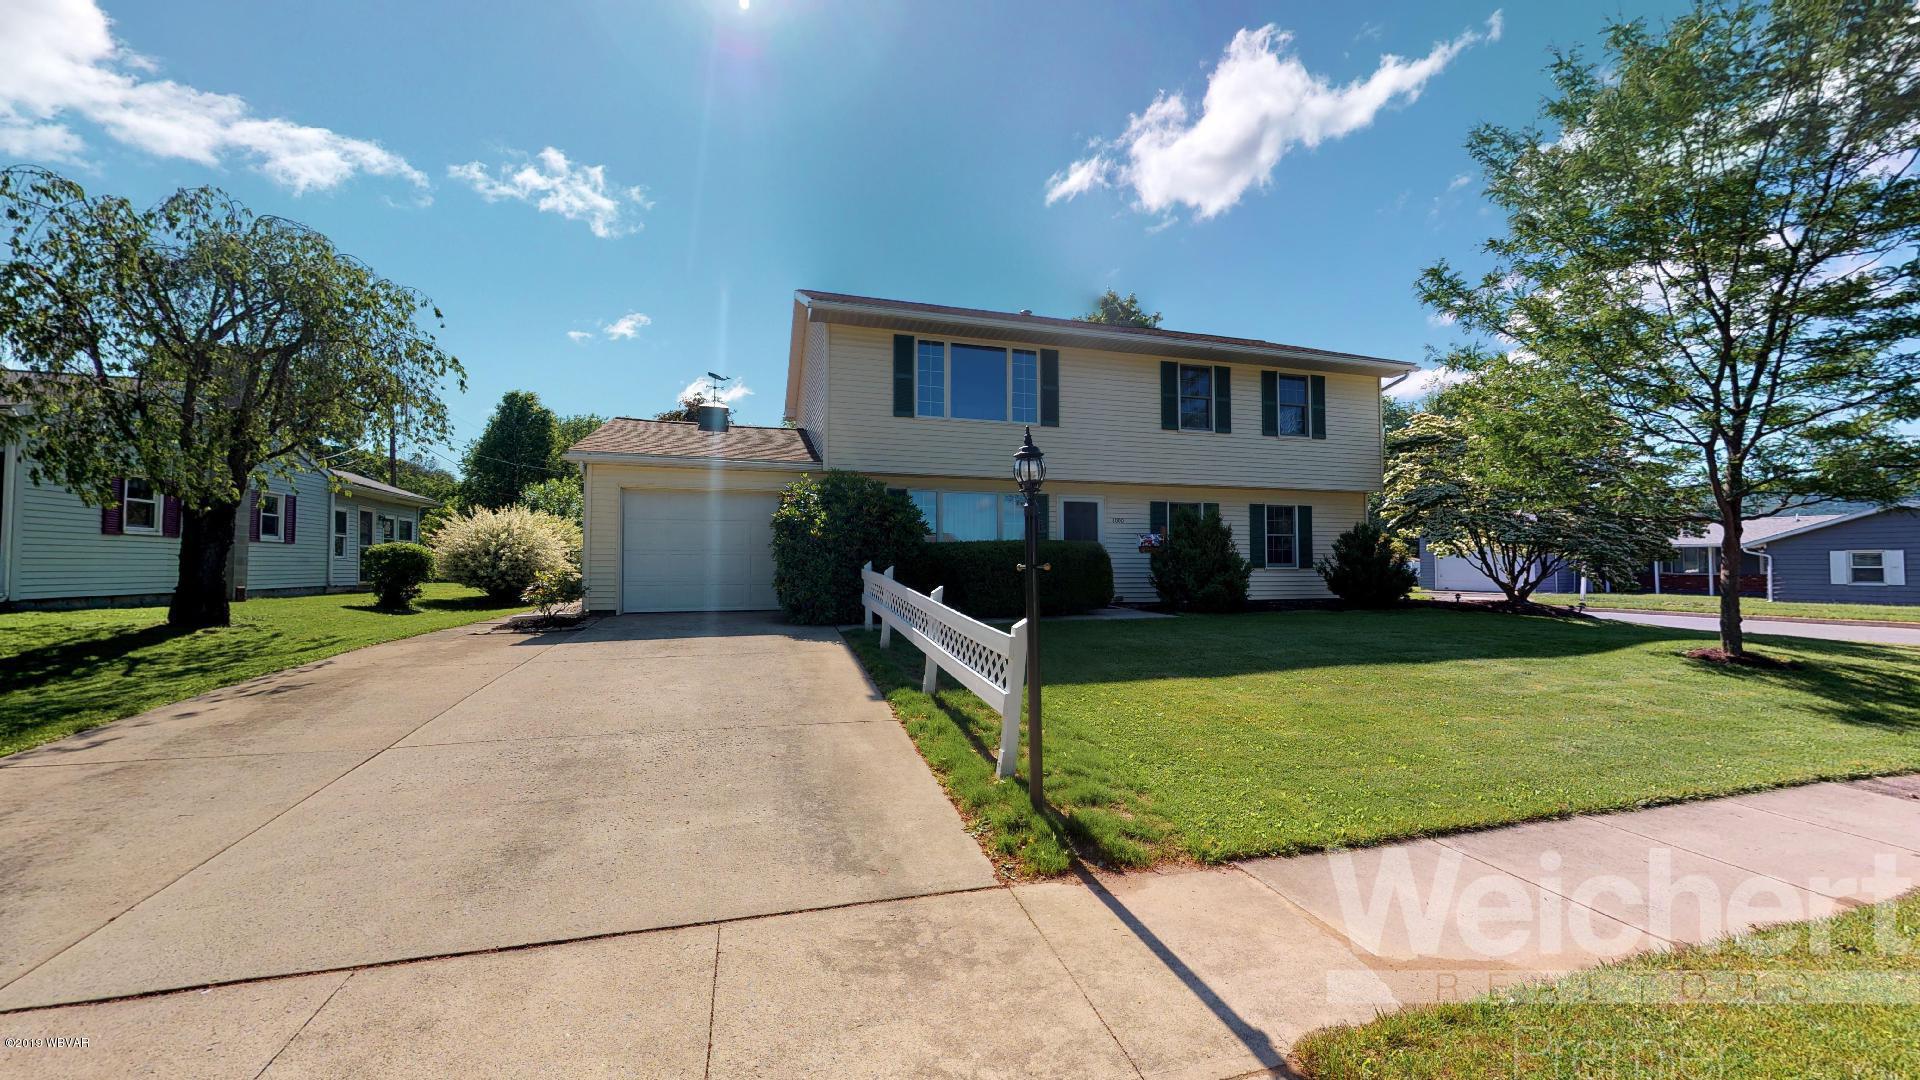 1000 ALLEN STREET,Montoursville,PA 17754,4 Bedrooms Bedrooms,2 BathroomsBathrooms,Residential,ALLEN,WB-87645